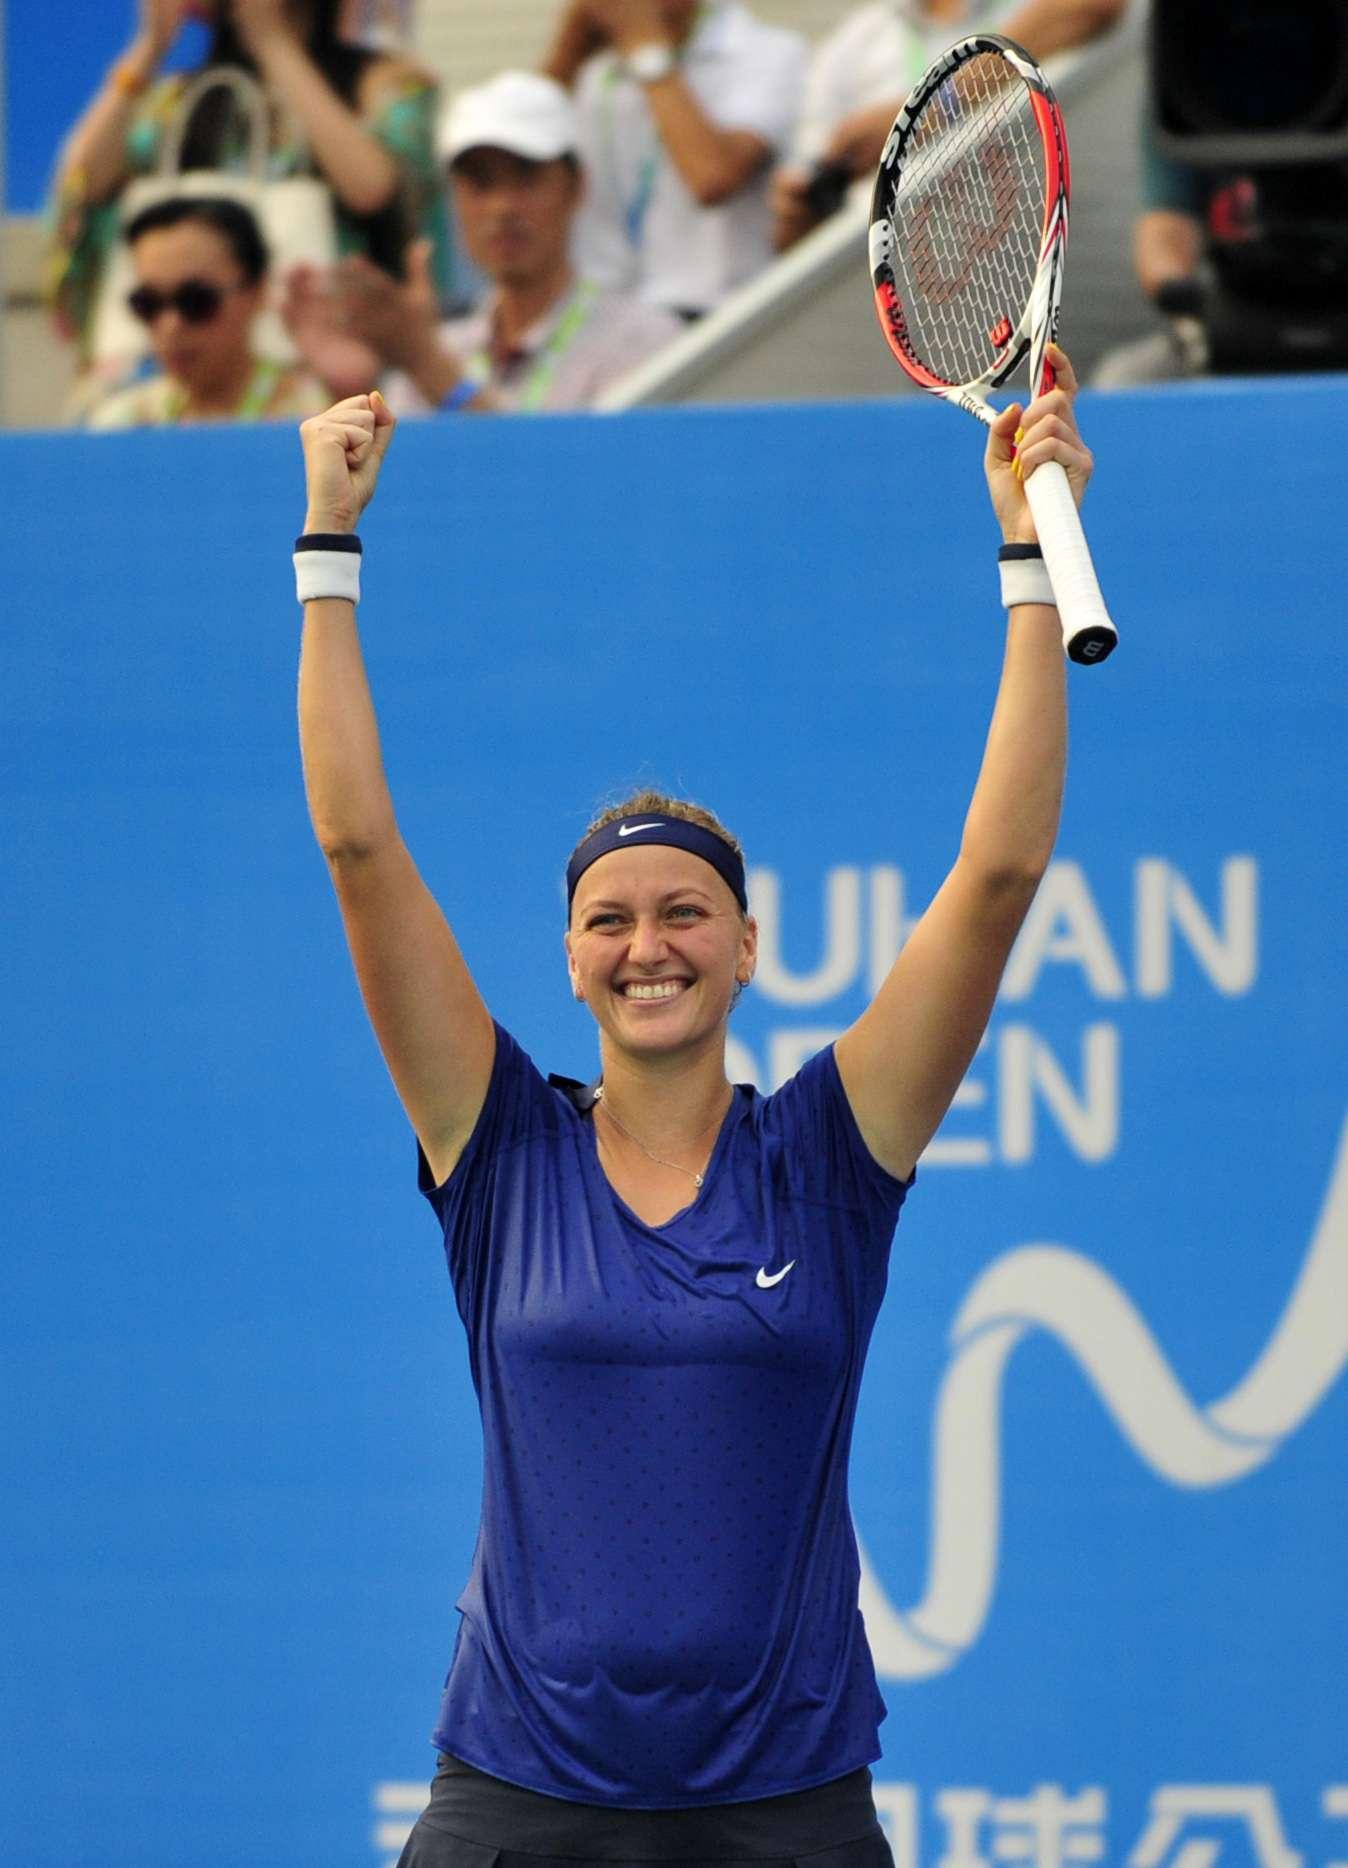 Petra Kvitova conquistó el Abierto de Wuhan en China para asegurarse un puesto en el Campeonato WTA. Foto: AP